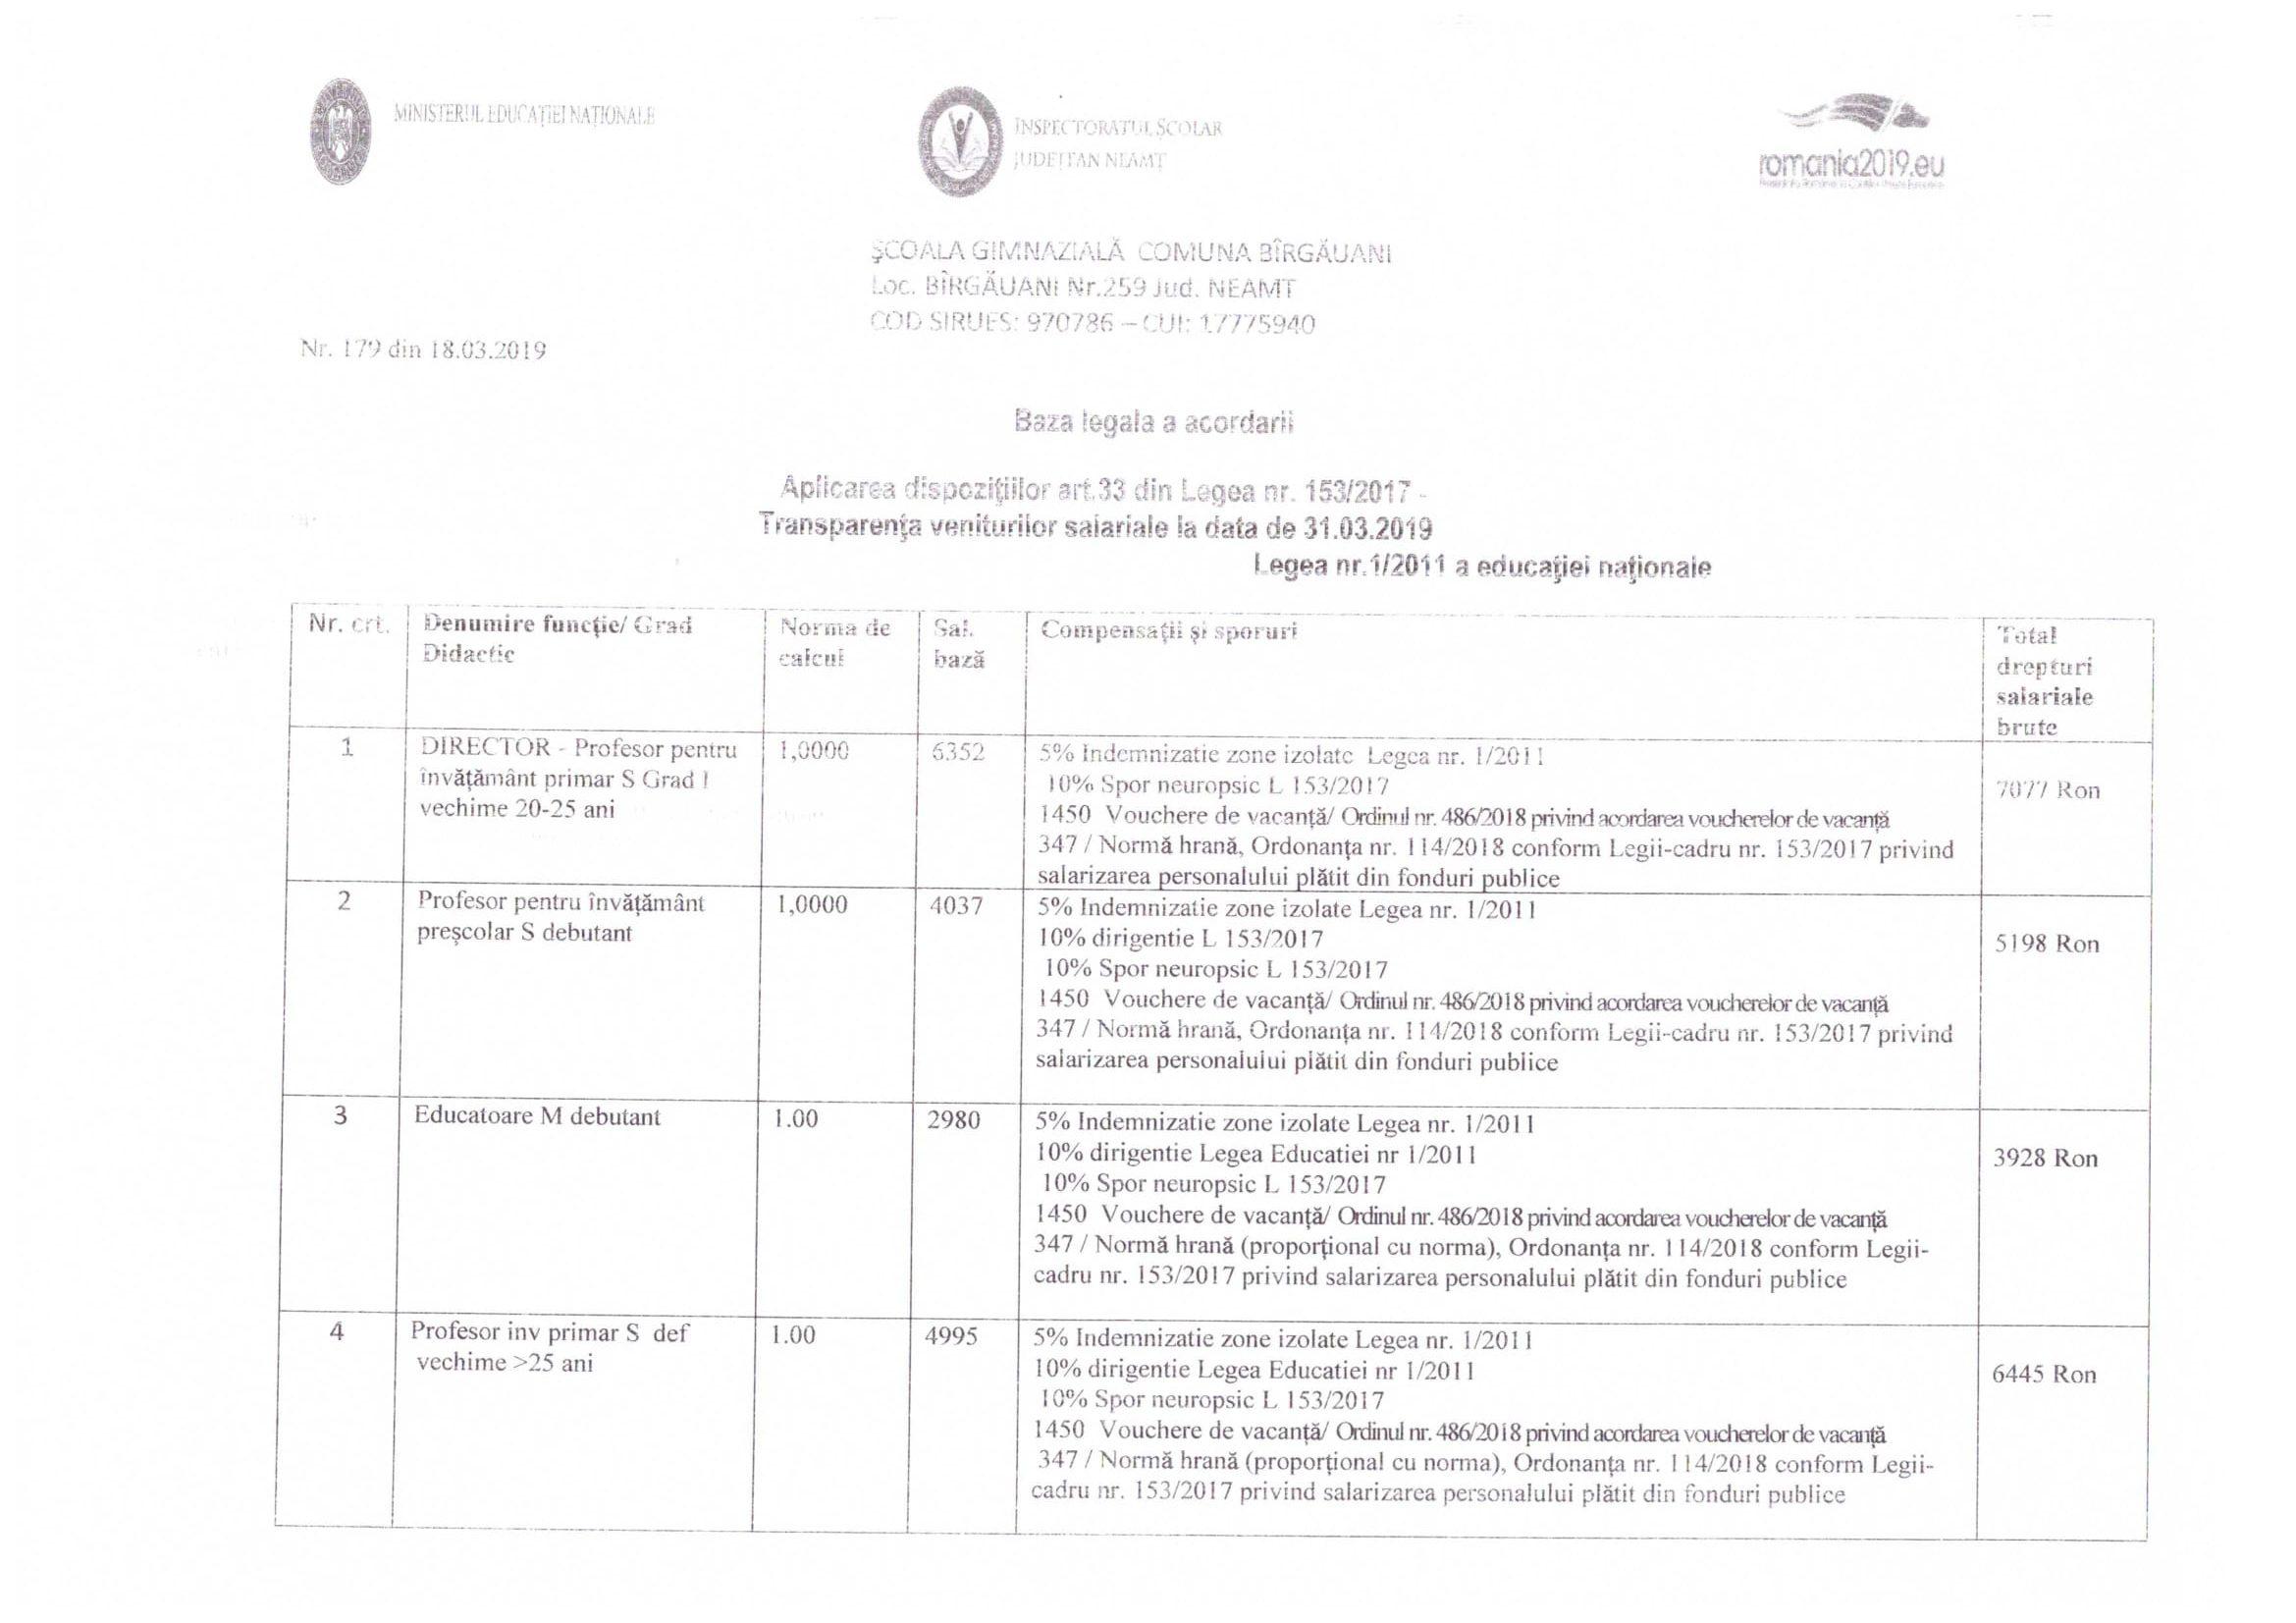 baza-legala-dispozitii-art-33-din-legea-nr-153-din-2017-1